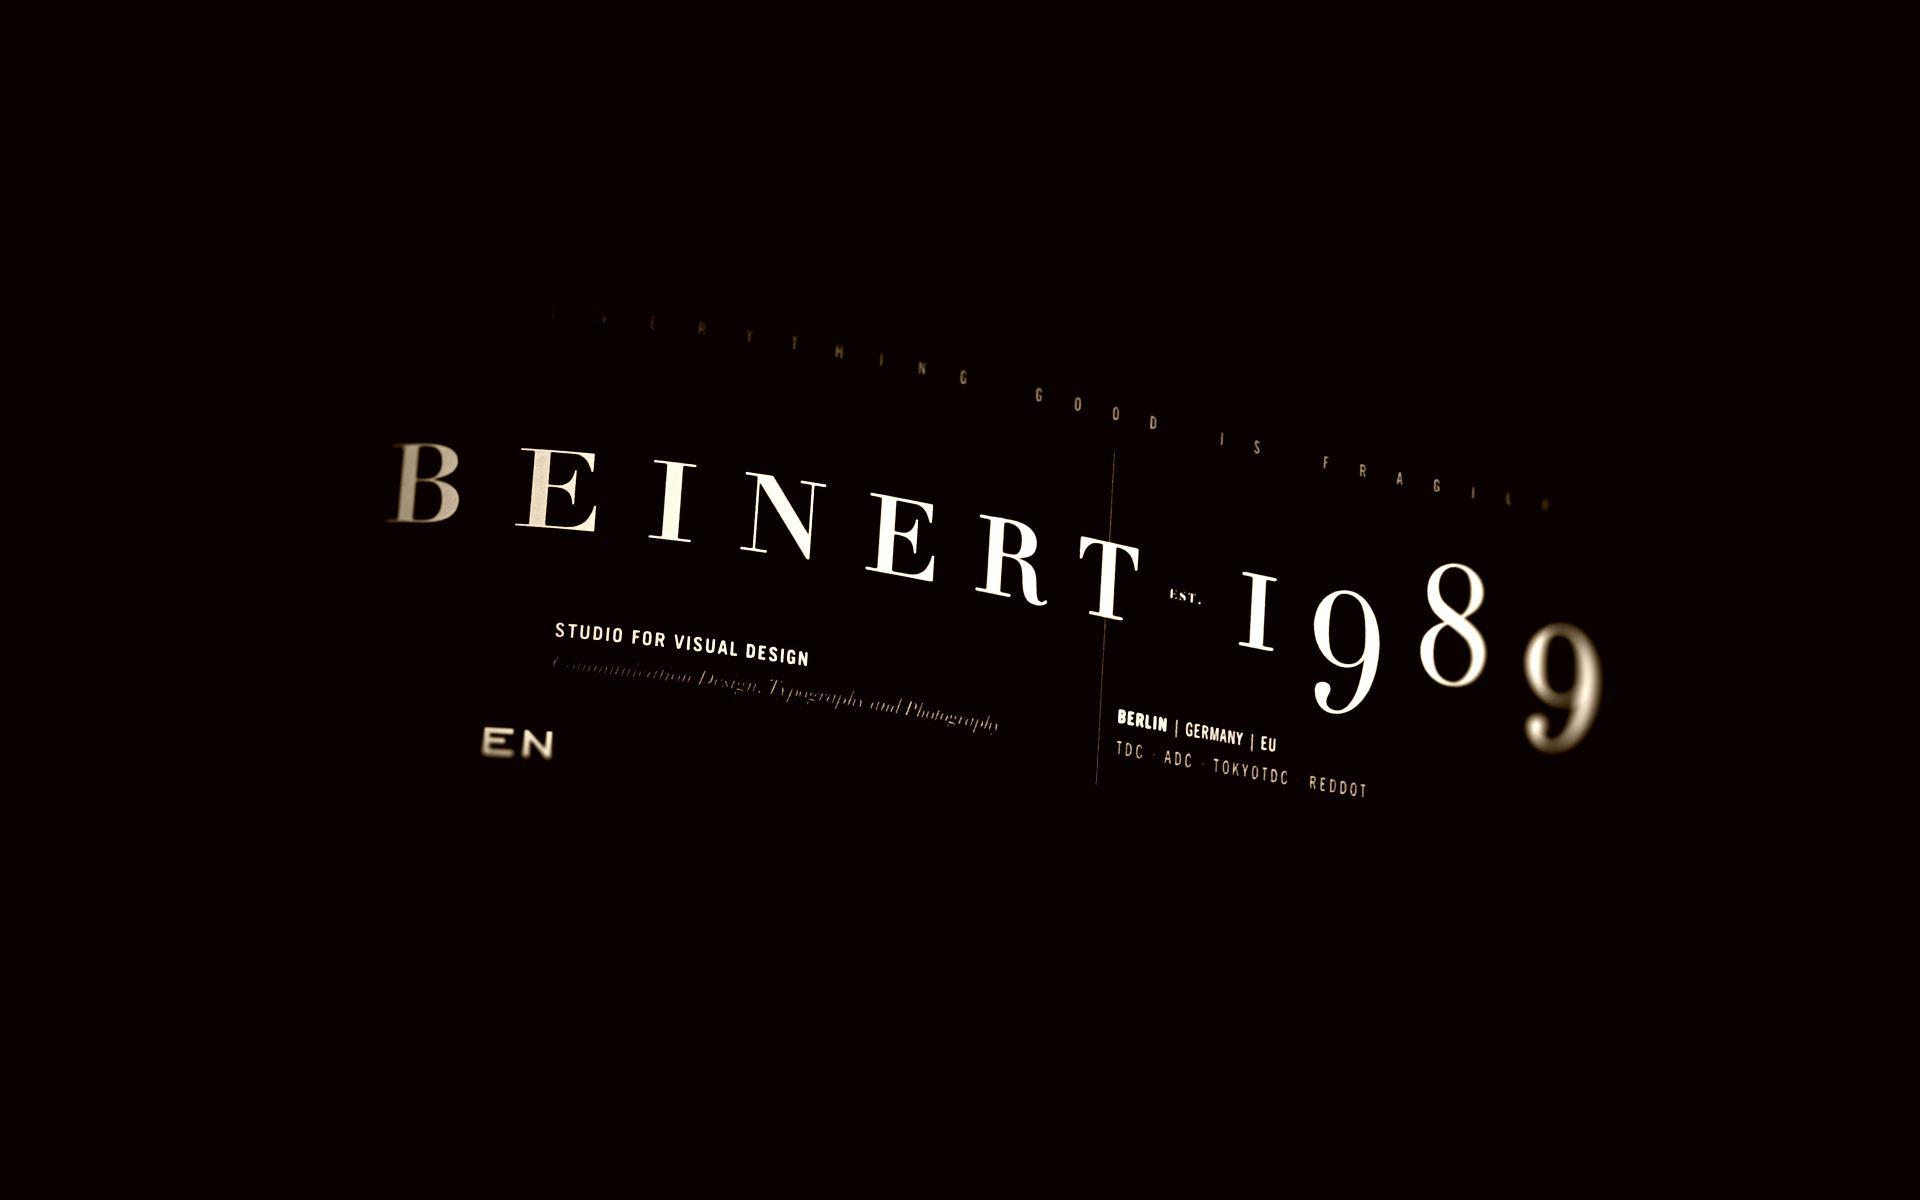 Studio Beinert | Berlin : Studio for Visual Design